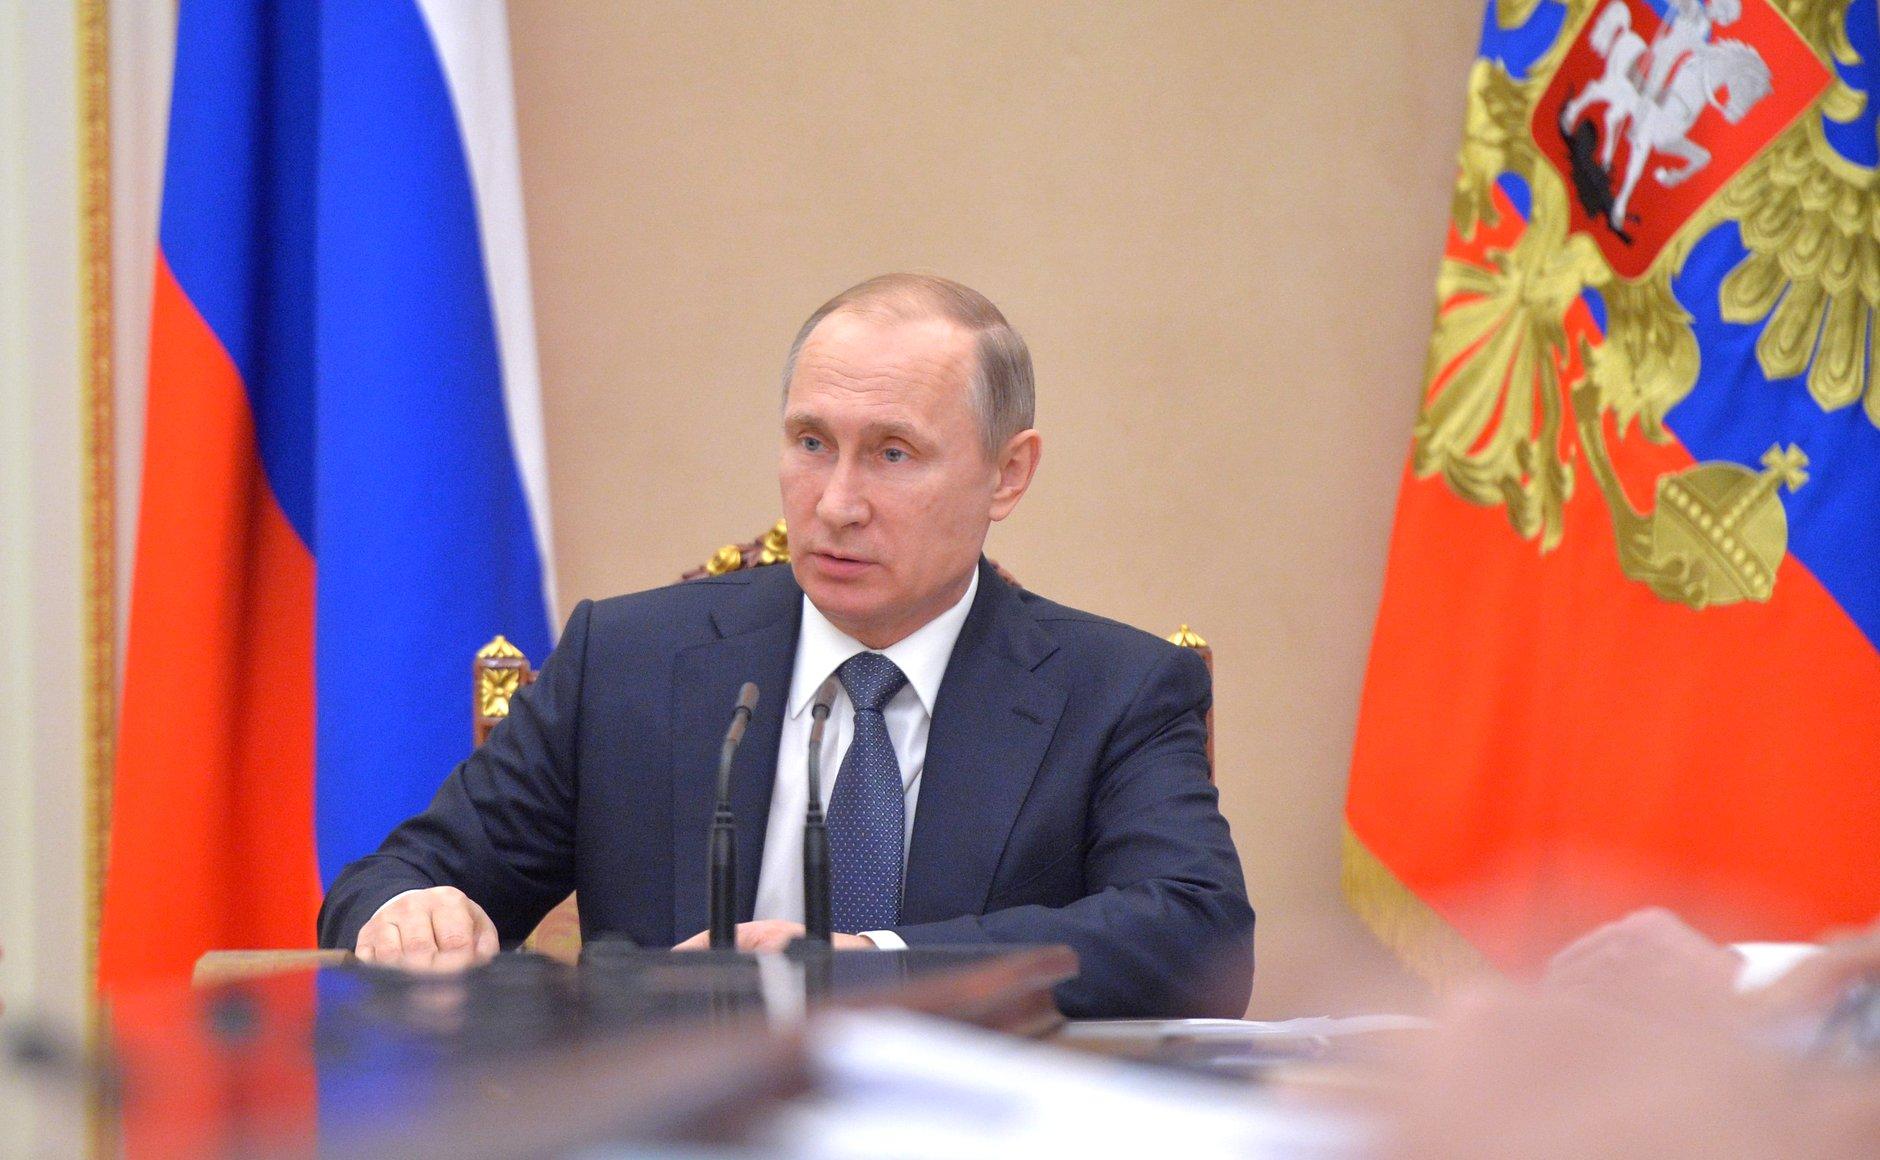 Mayoritas Rakyat Rusia Ingin Putin Kembali Jadi Presiden pada 2018